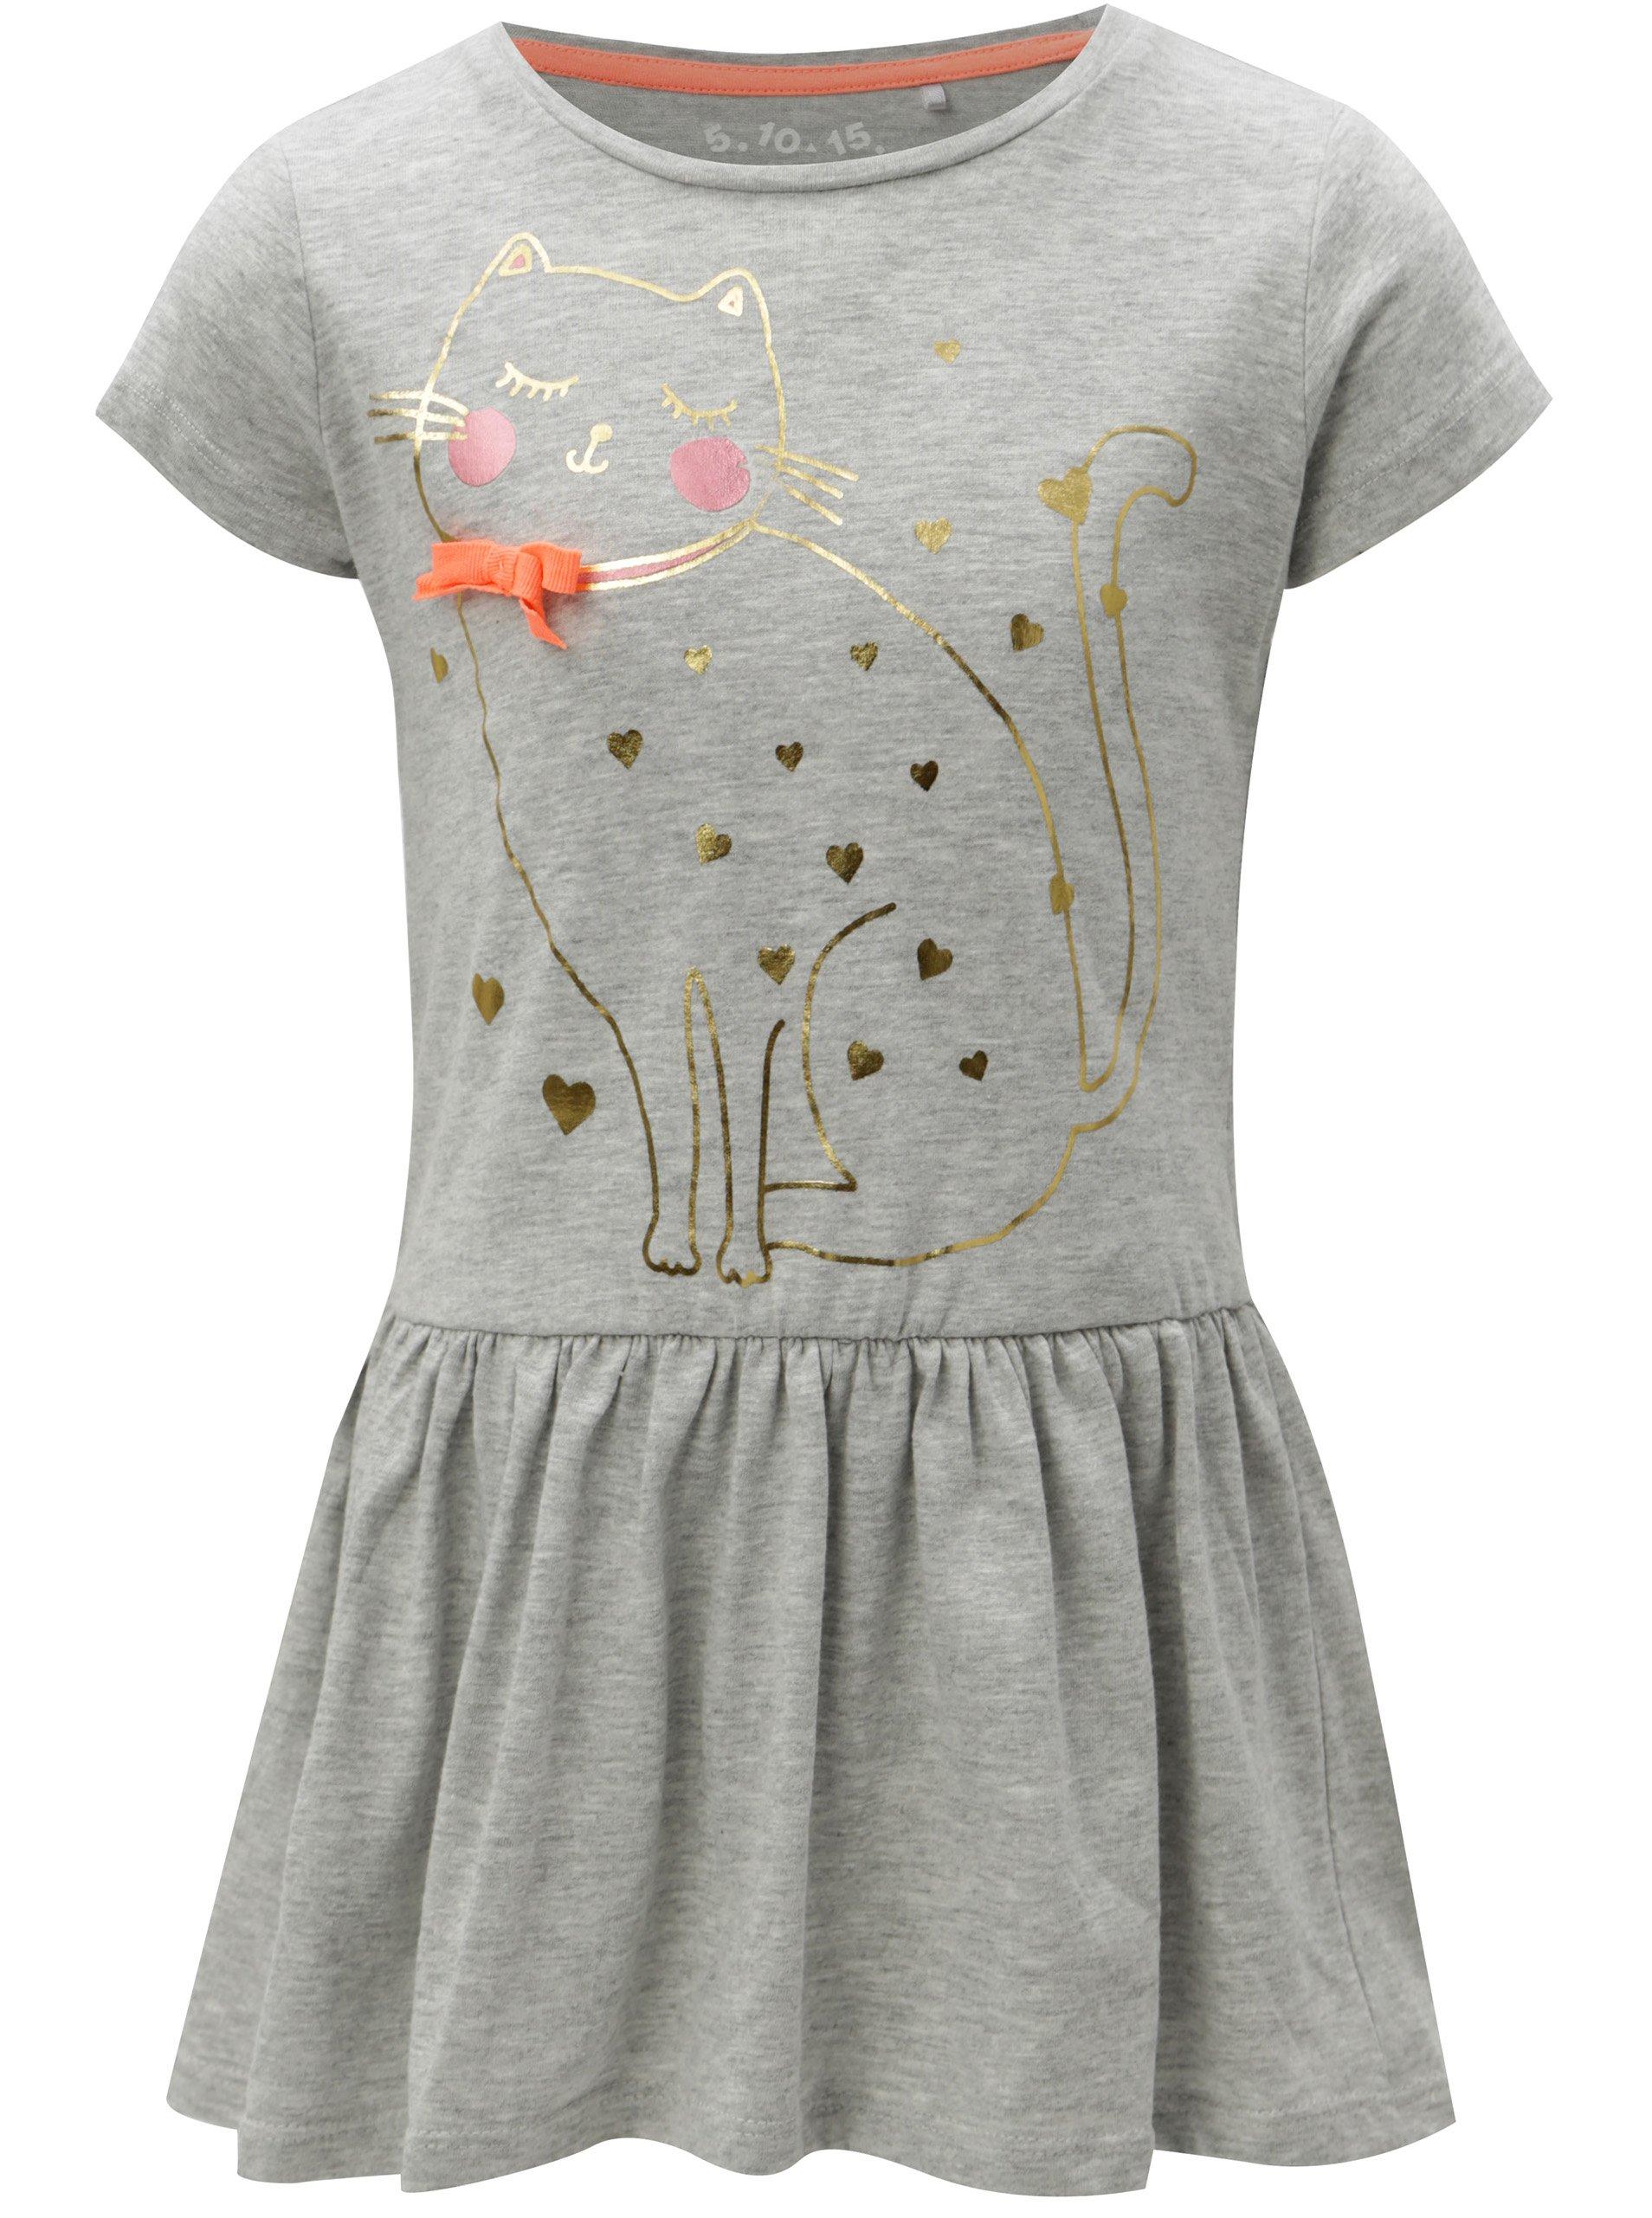 435c4f32556f Sivé dievčenské melírované šaty s potlačou 5.10.15.